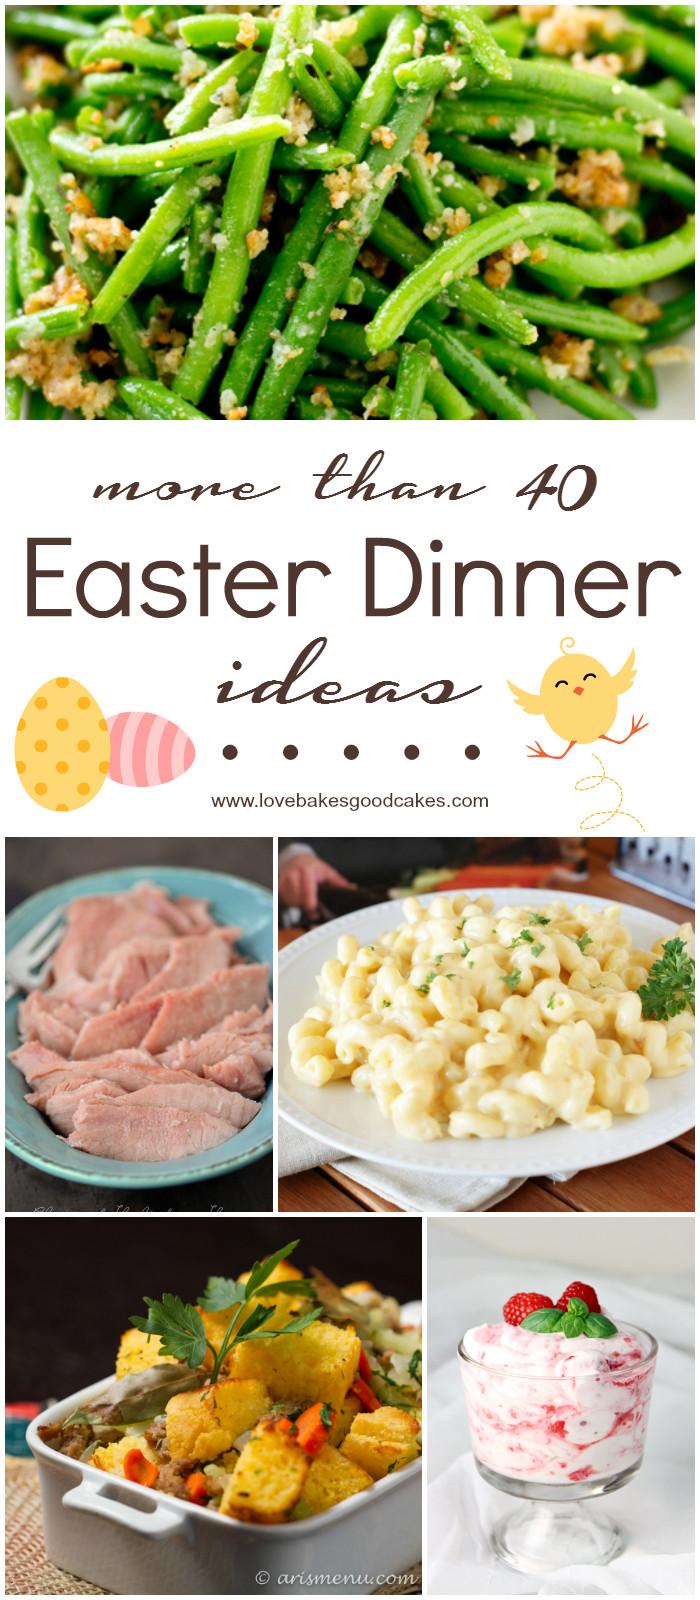 Best Easter Dinner  More than 40 Easter Dinner Ideas